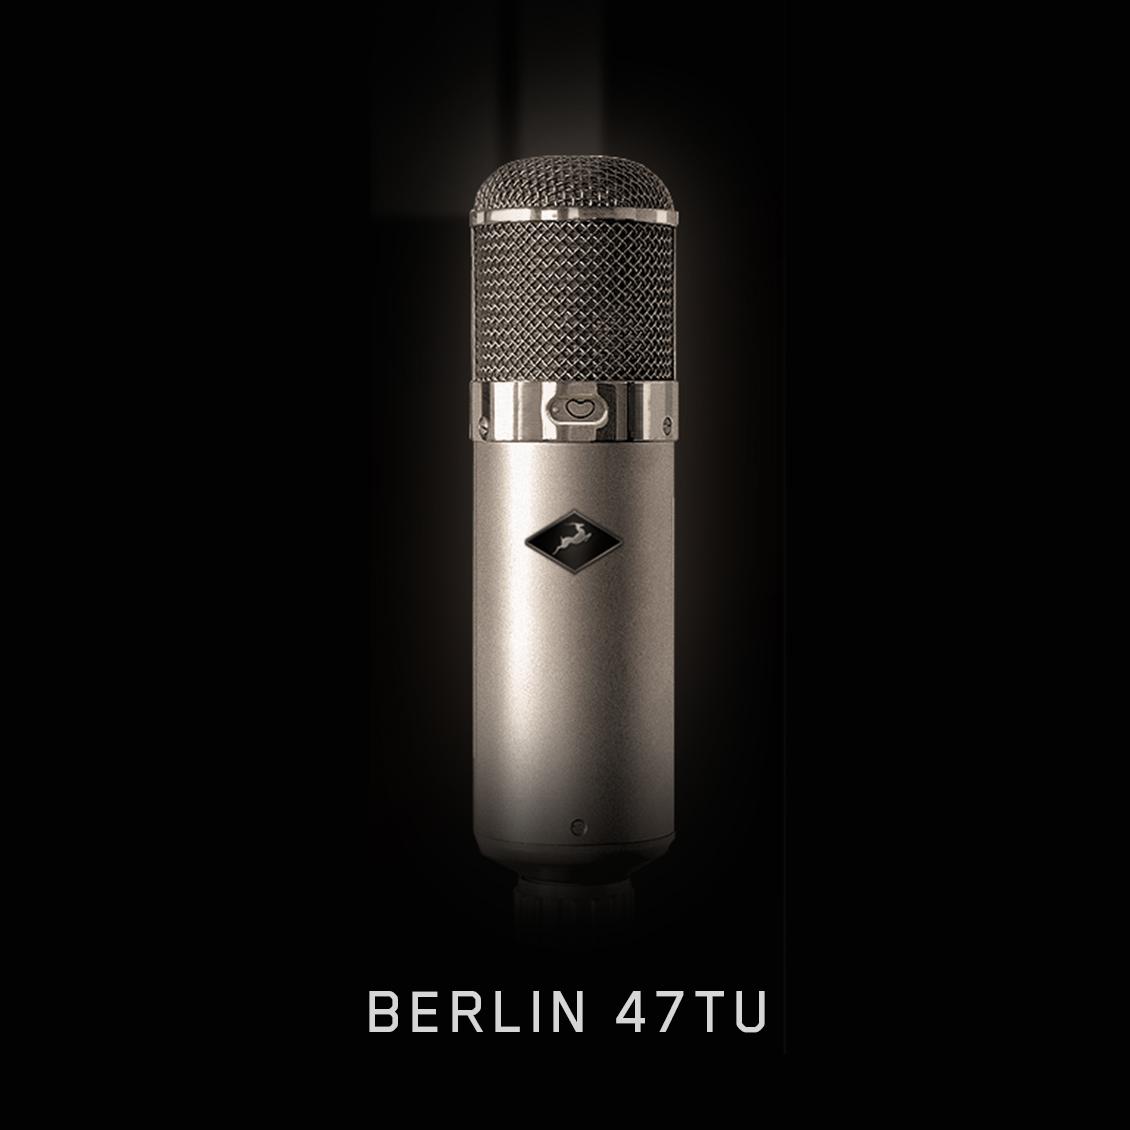 Berlin 47 TU 1